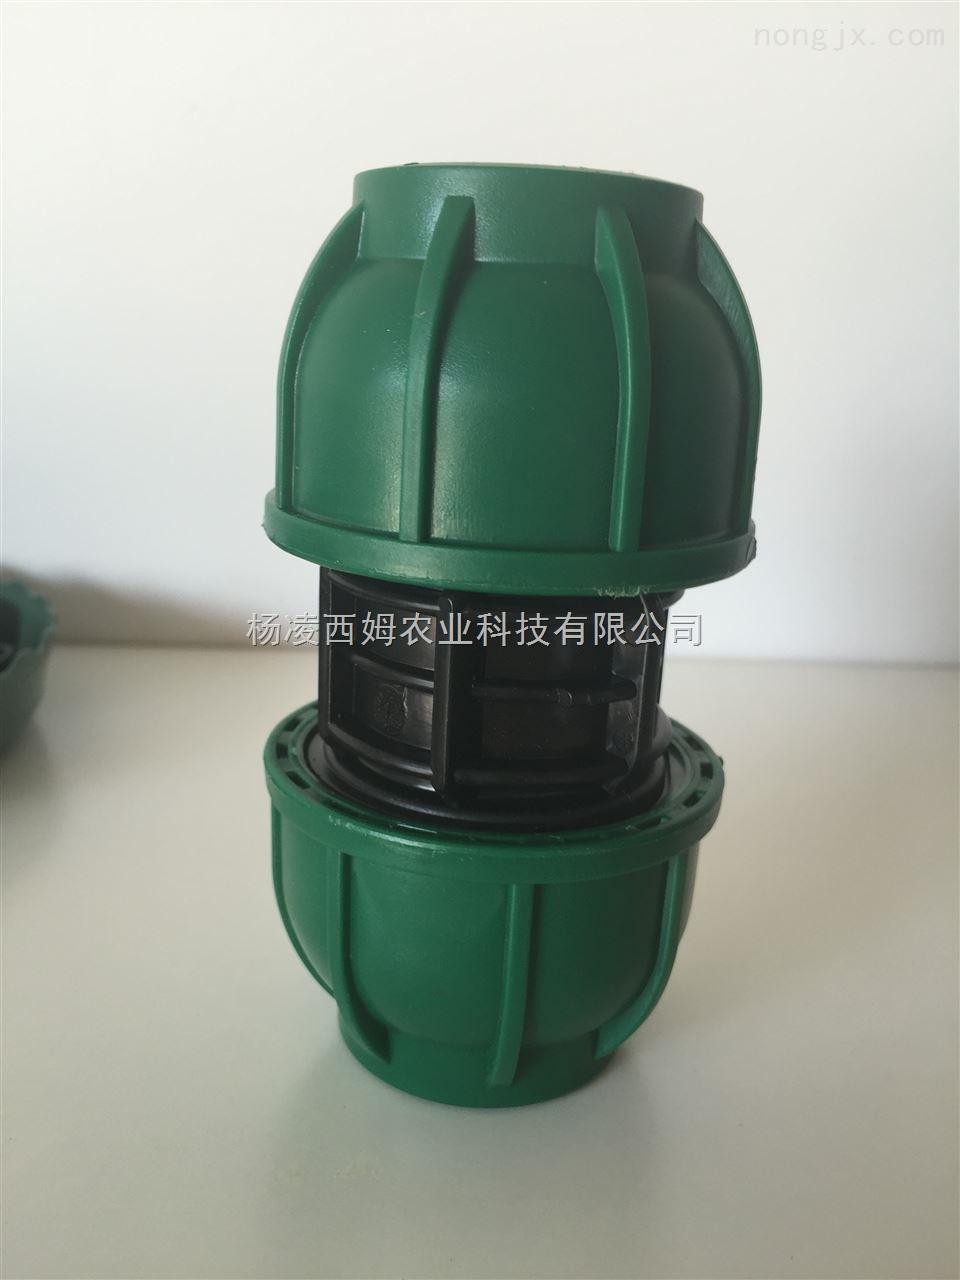 农用pp管件管件直接,灌溉配件锁扣式接头,灌溉专用PE索姆直通